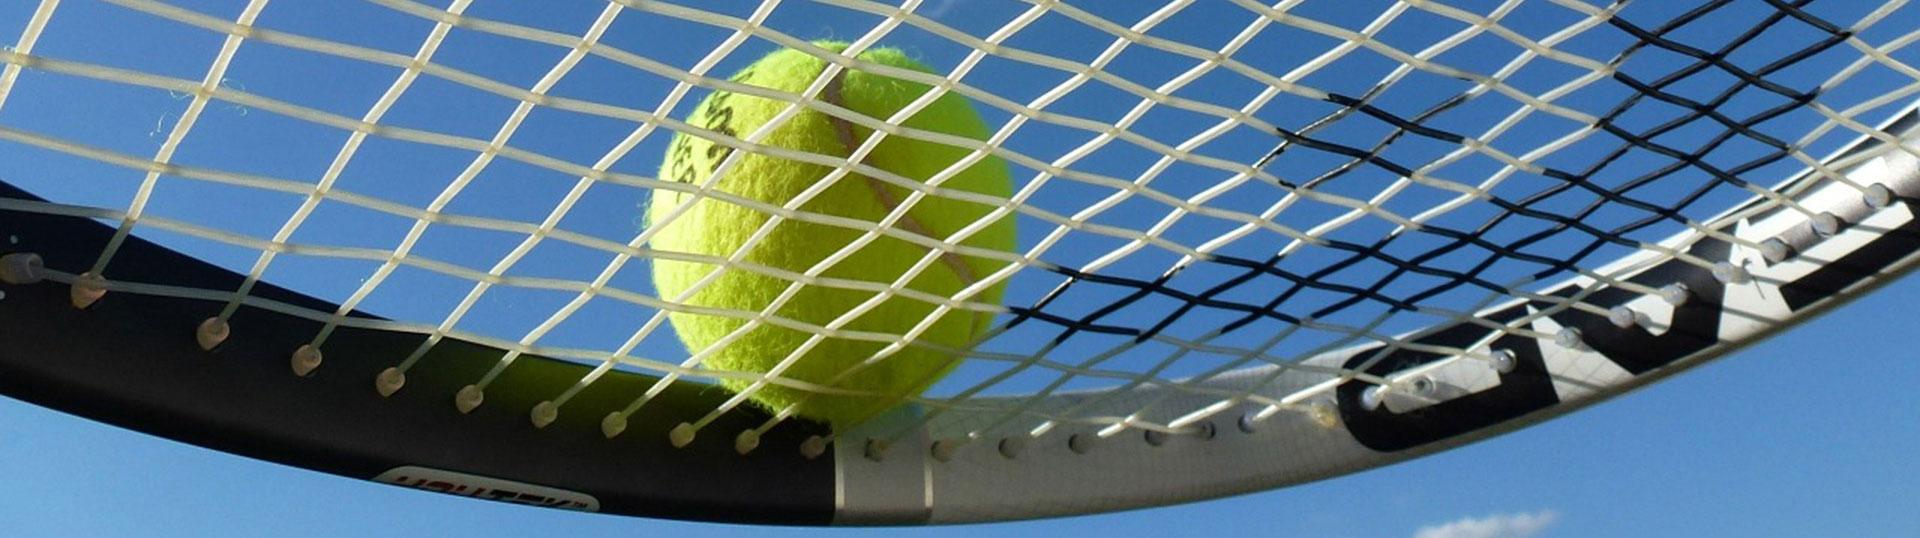 PSV Essen Tennis